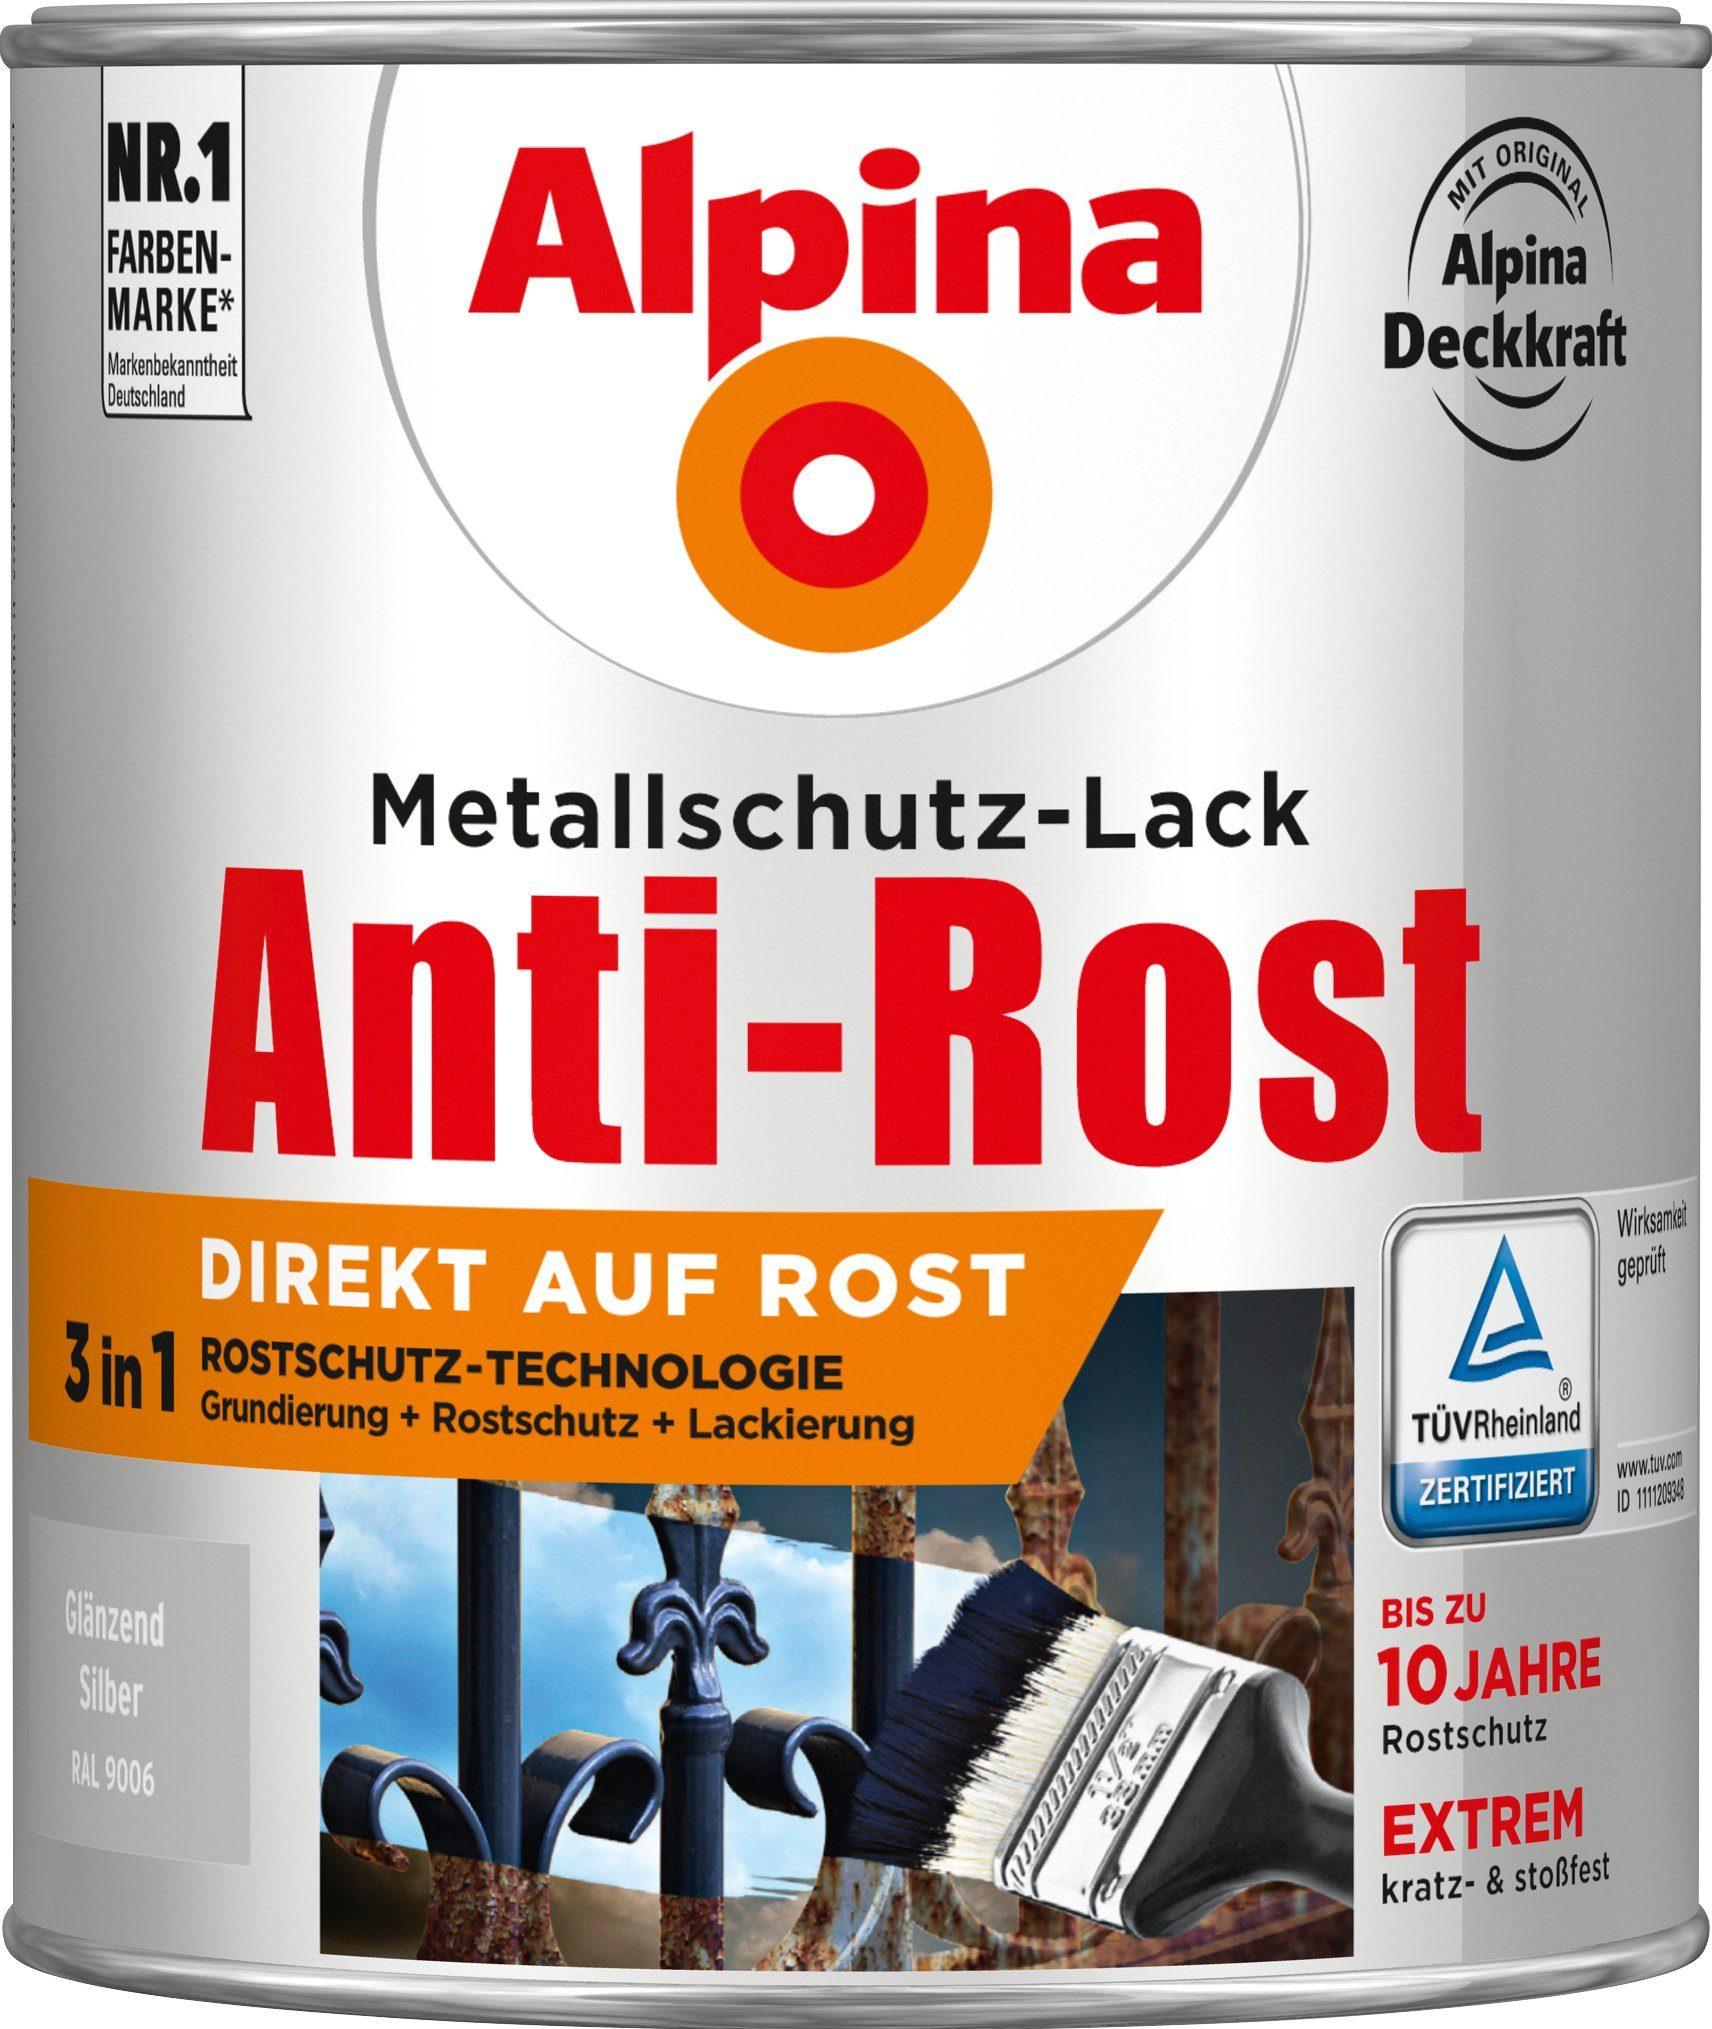 ALPINA Metallschutzlack »Anti-Rost - Glänzend Silber«, 3 in1, 750 ml